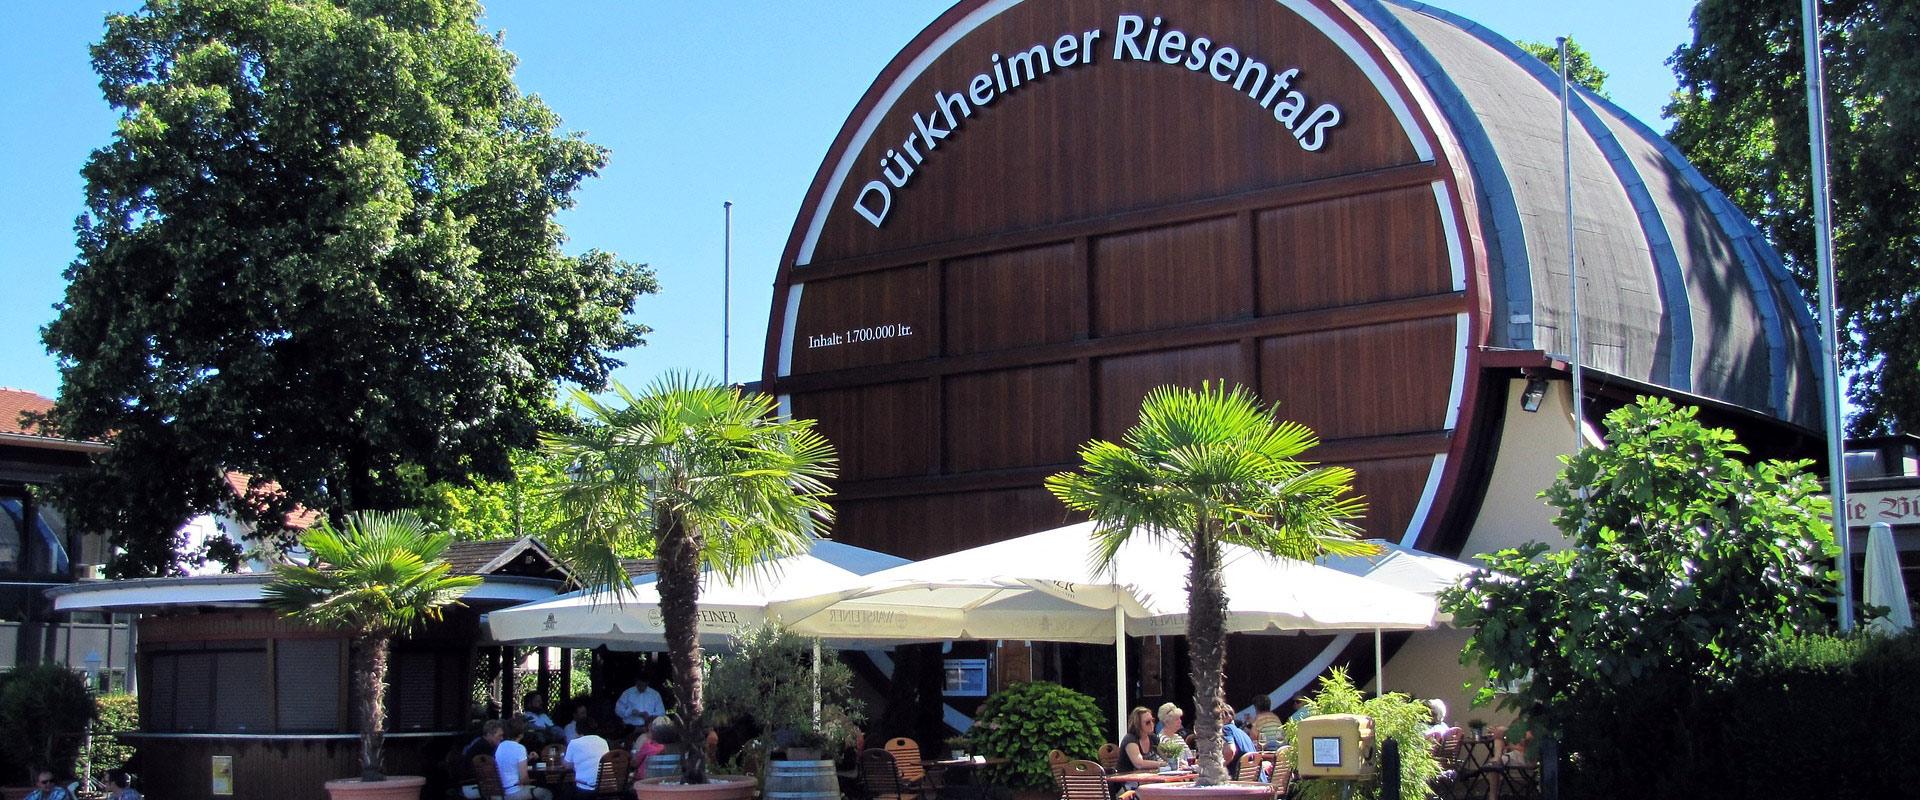 Bad Dürkheim - Deutsche Weinstraße